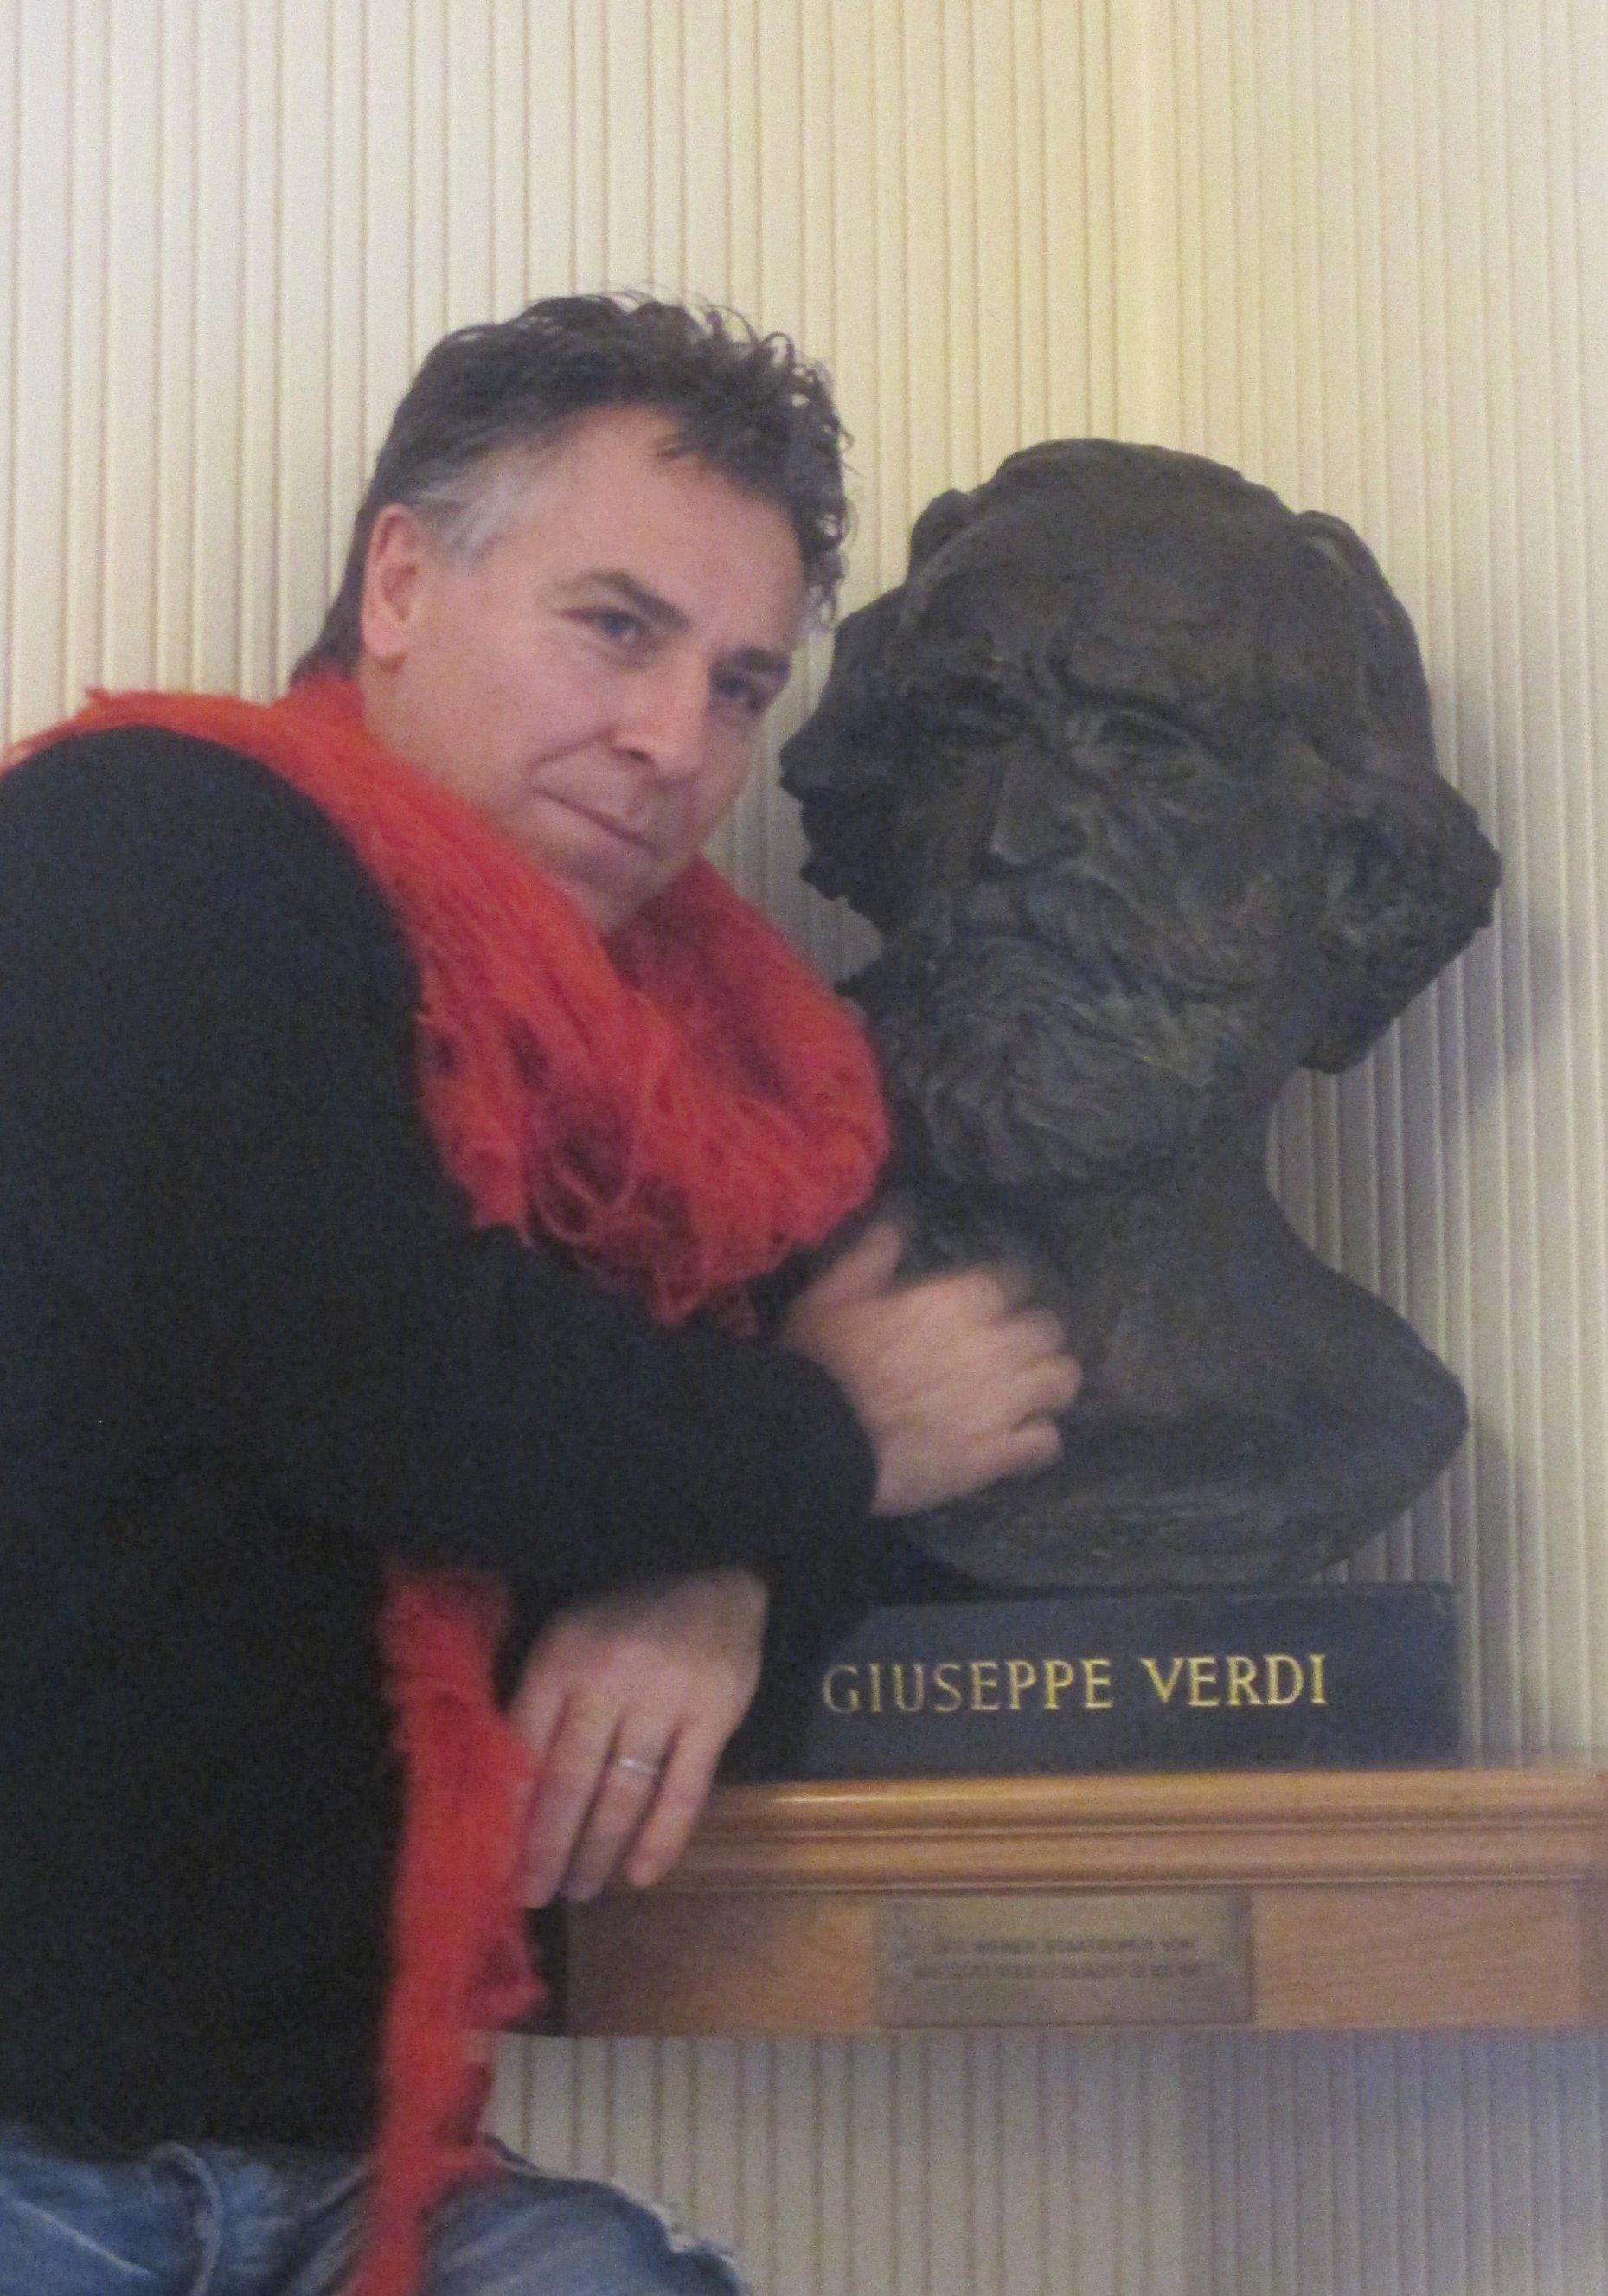 Alagna und nochmals Verdi